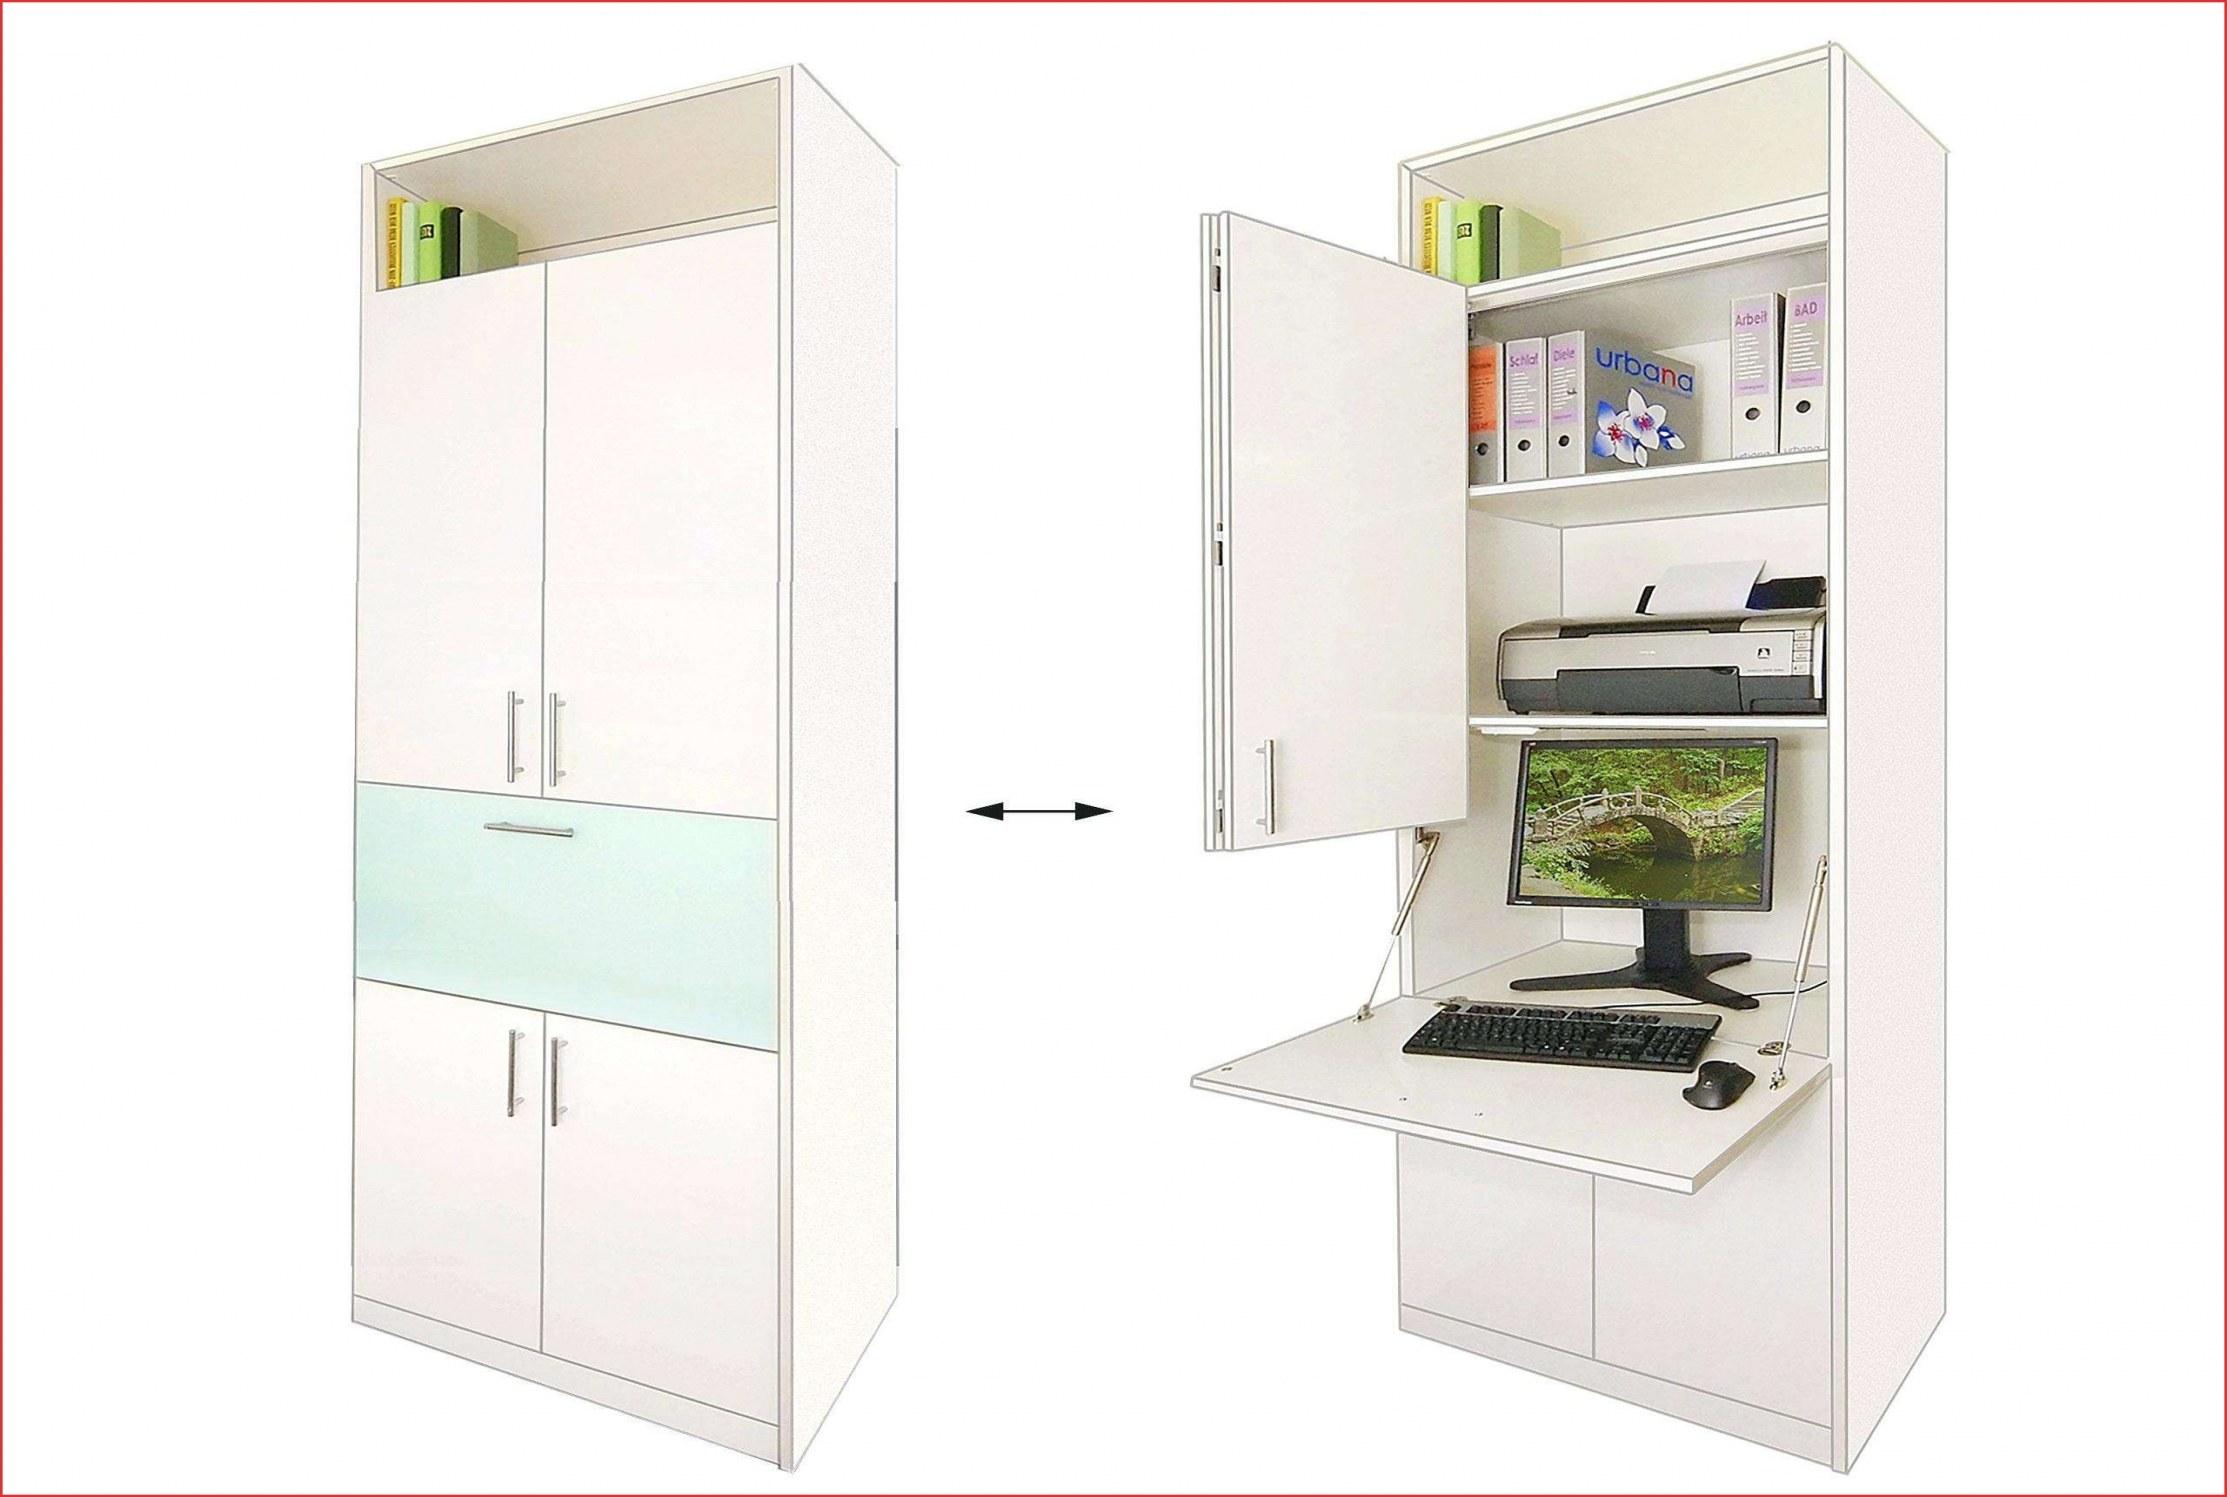 Full Size of Modulküche Ikea Badezimmer Unterschrank Bad Holz Küche Kosten Kaufen Betten Bei Eckunterschrank Sofa Mit Schlaffunktion 160x200 Miniküche Wohnzimmer Ikea Unterschrank